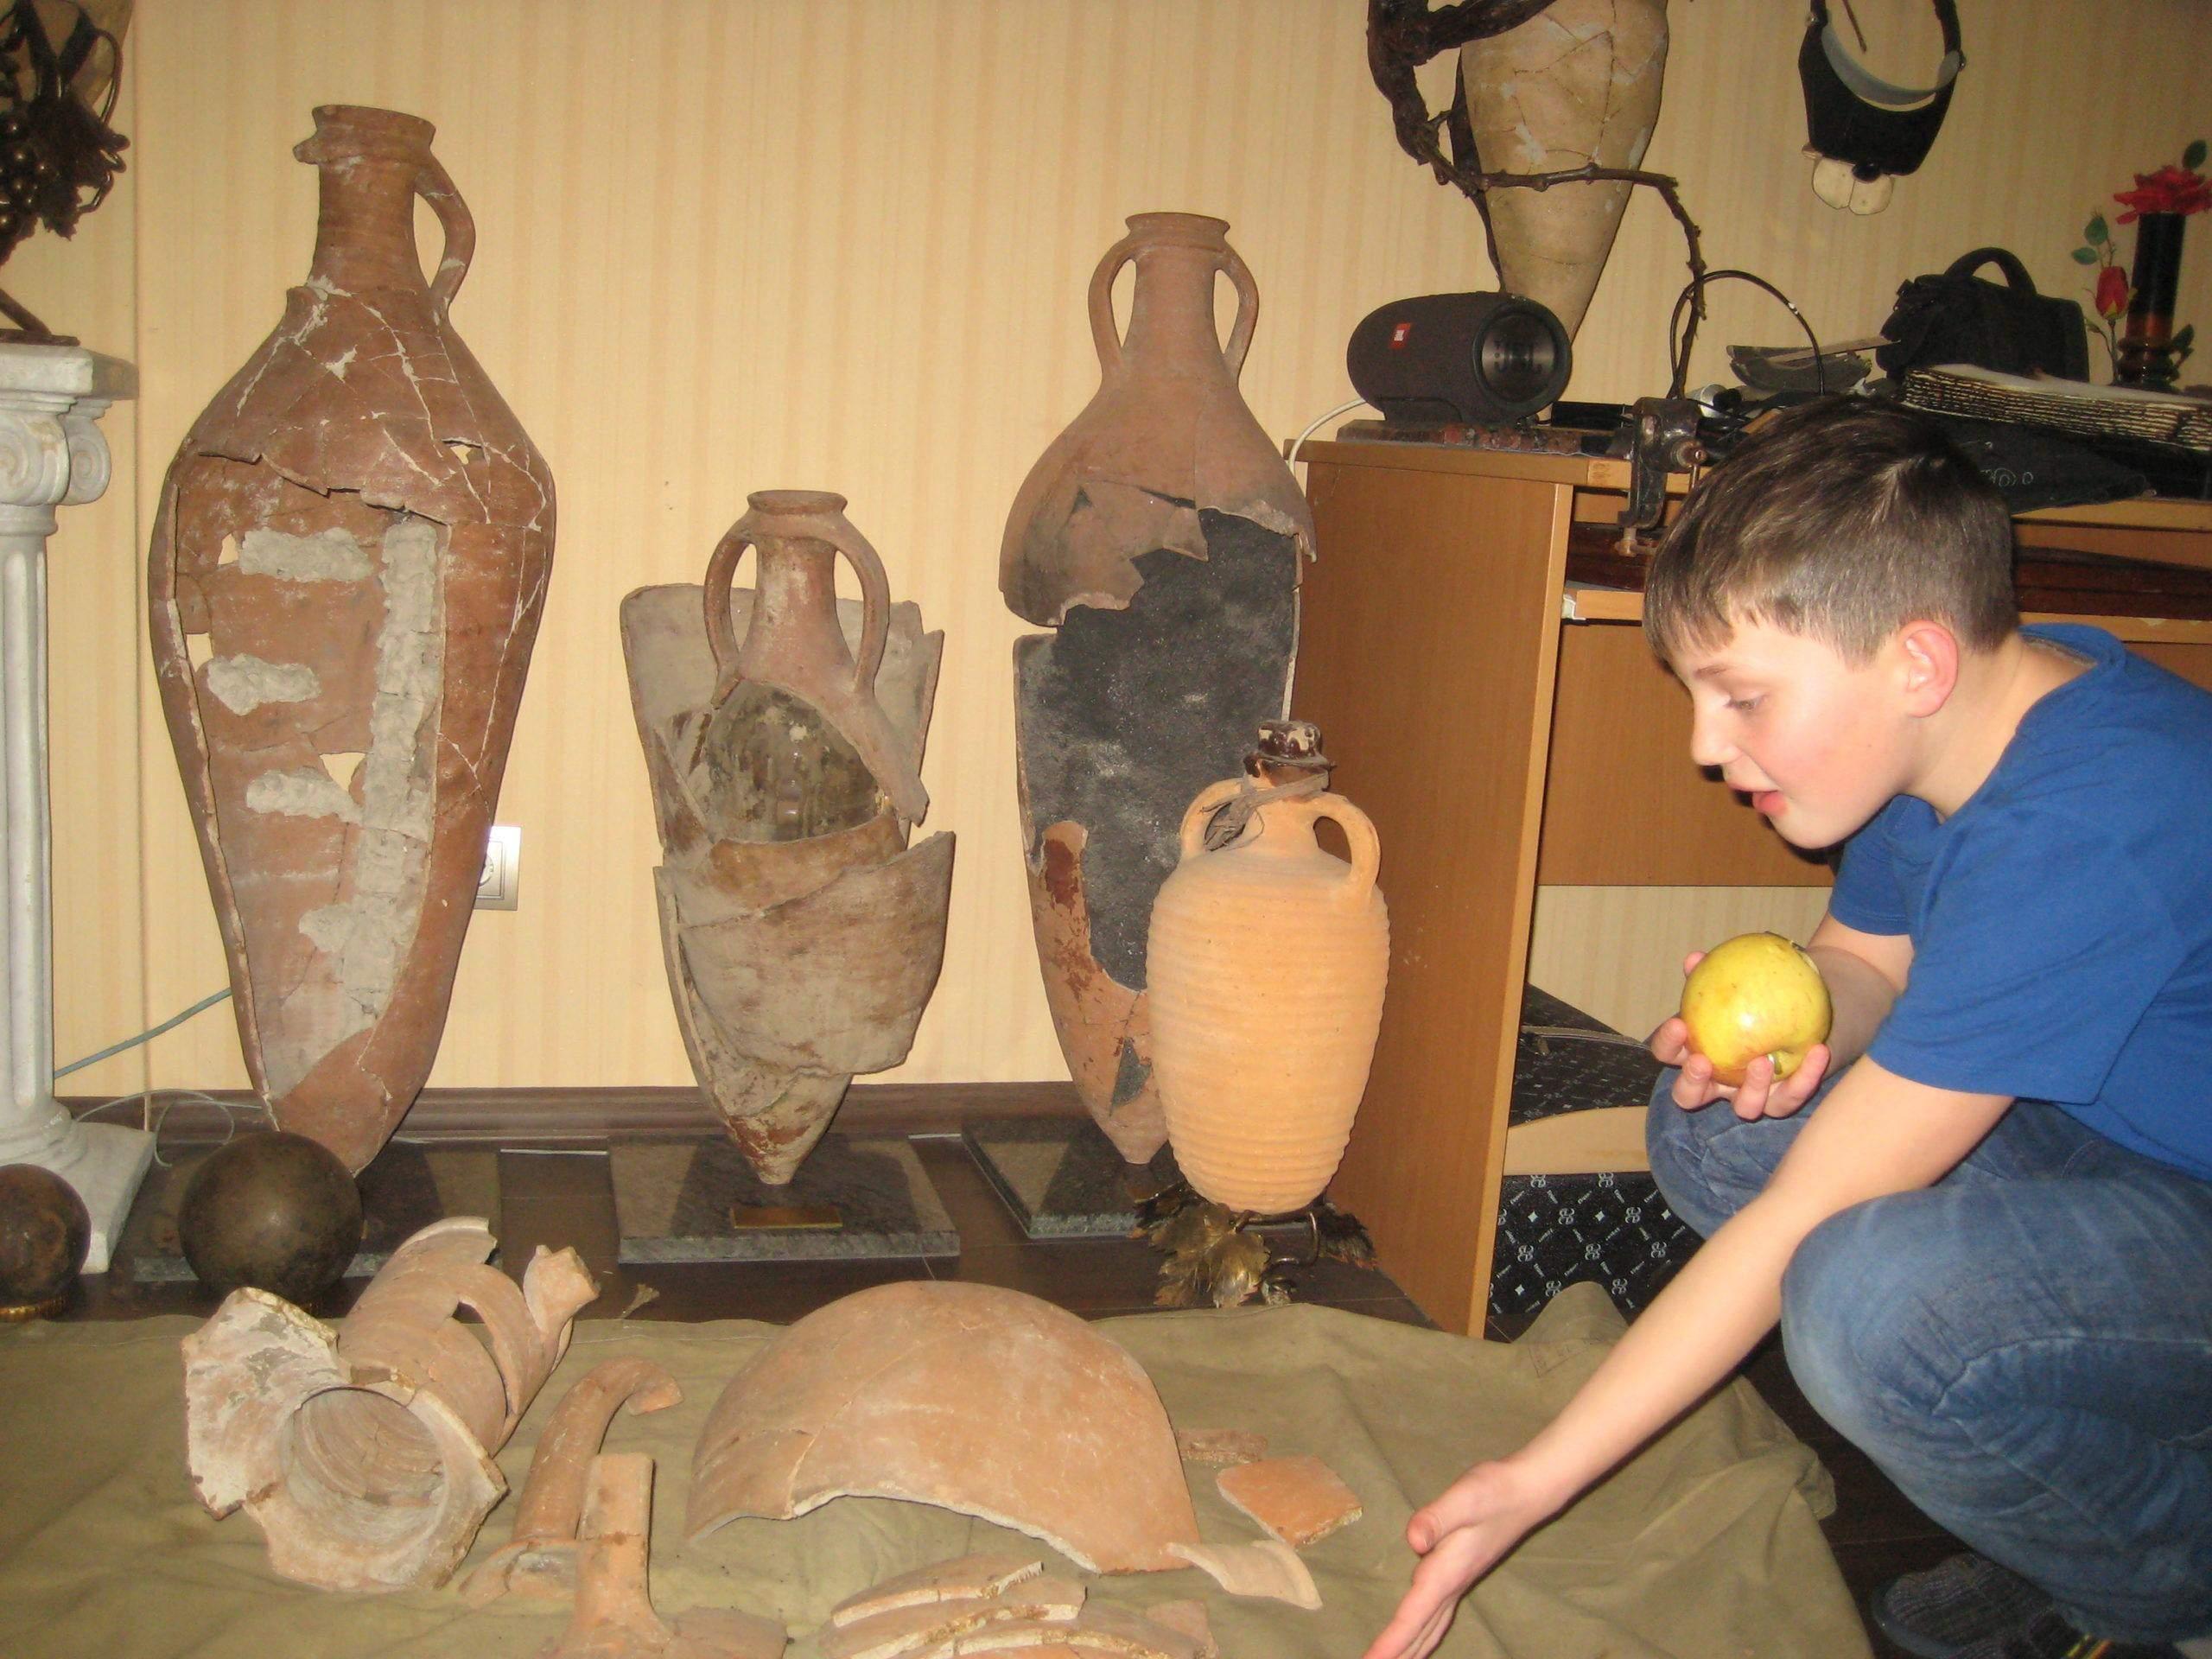 У новороссийца в доме – свой музей с уникальными историческими артефактами